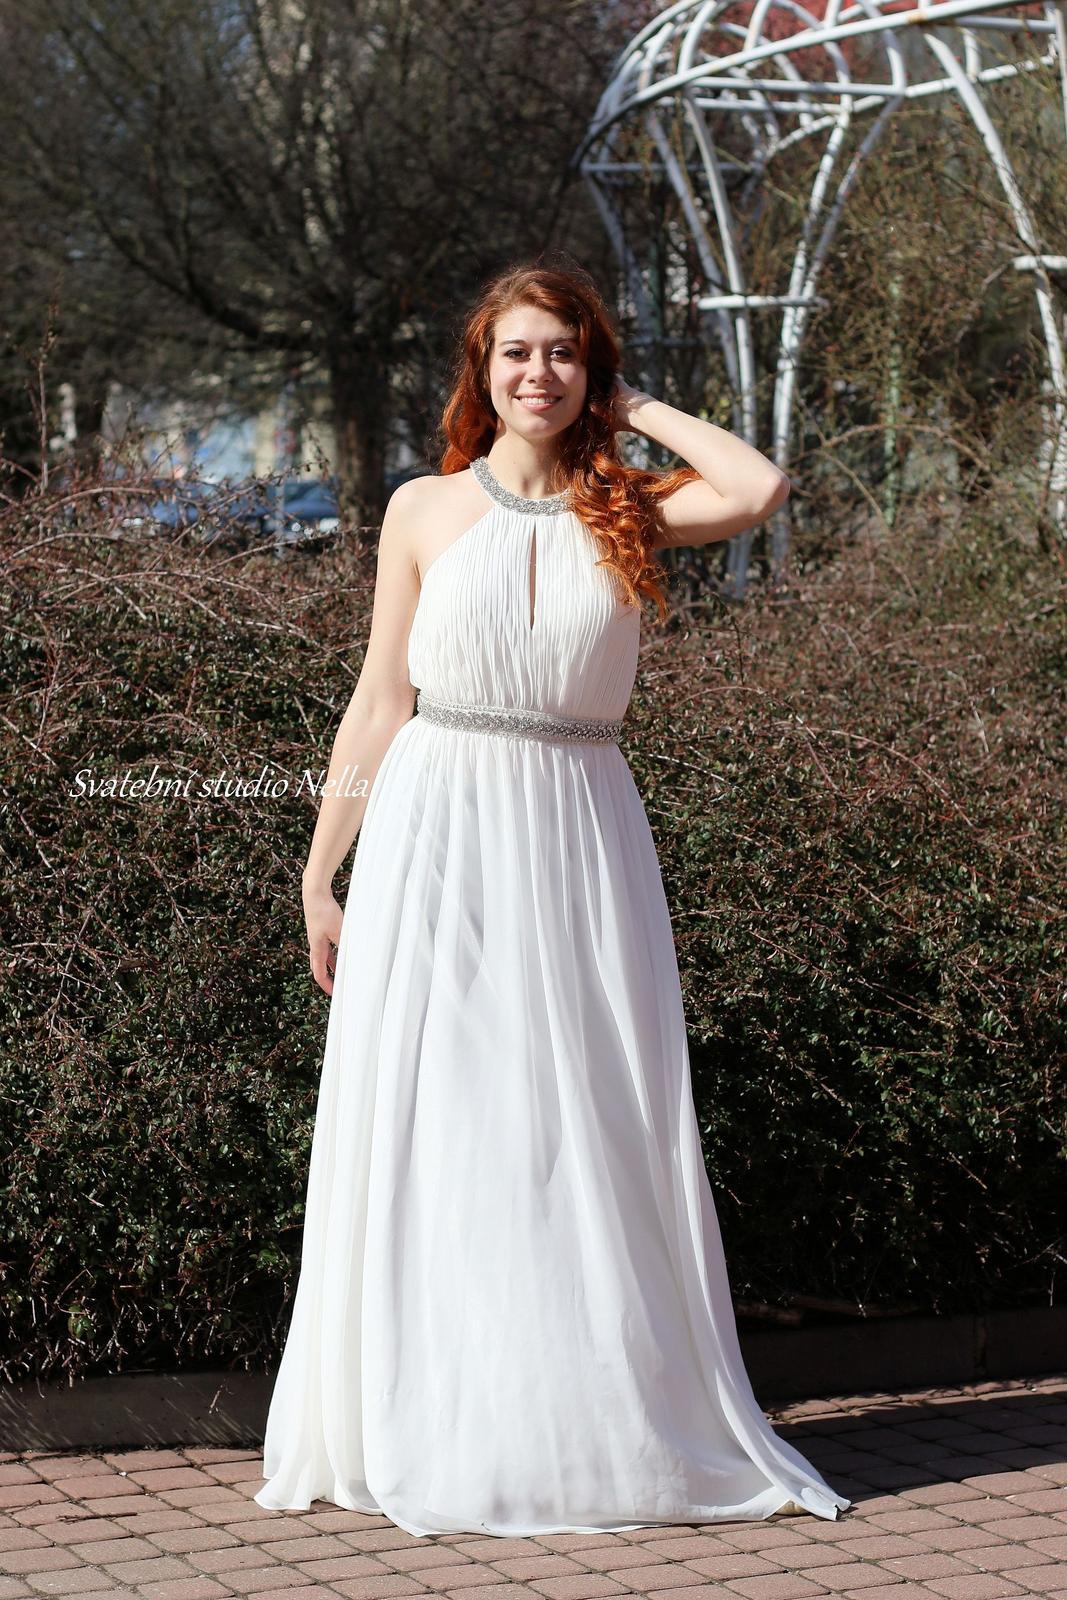 117bbe98aac9 Svatební šaty empírové vel. 38